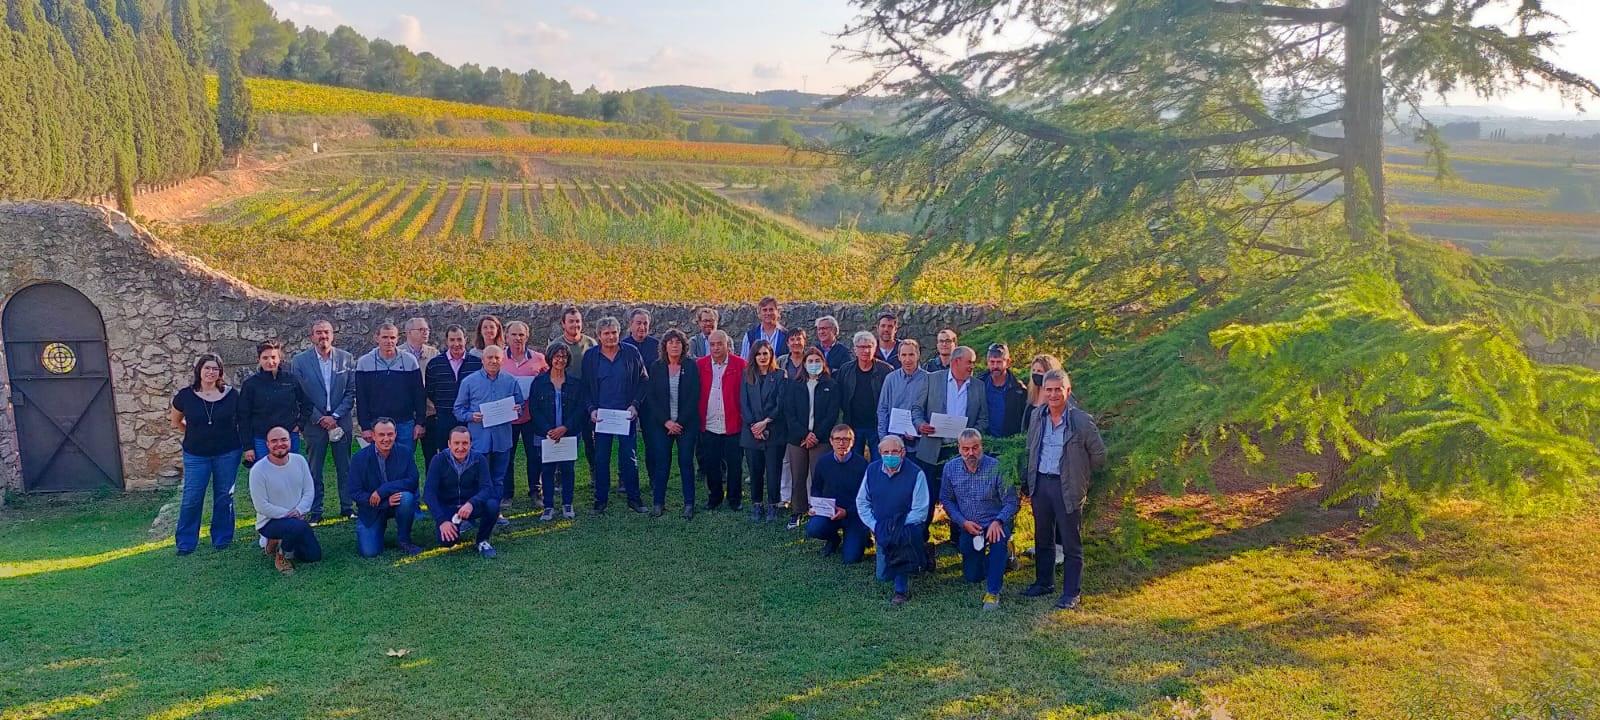 Premi als viticultors que detecten les primeres taques de míldiu a la vinya   Gencat